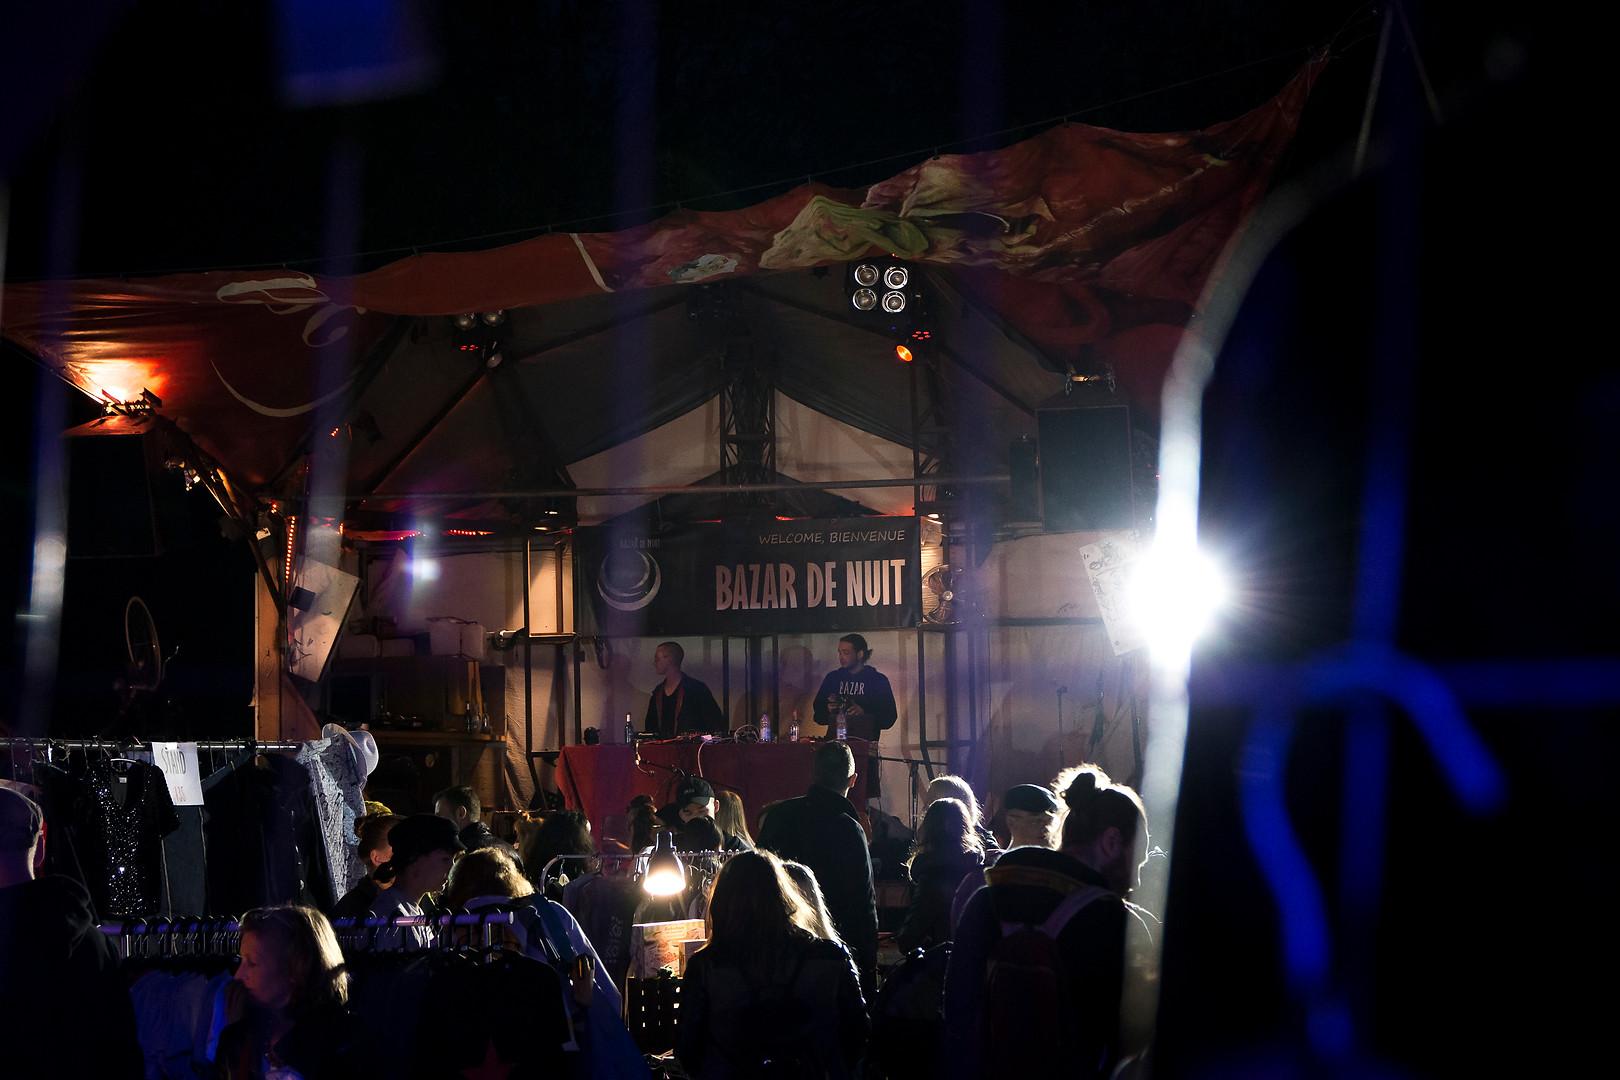 Bazar de Nuit